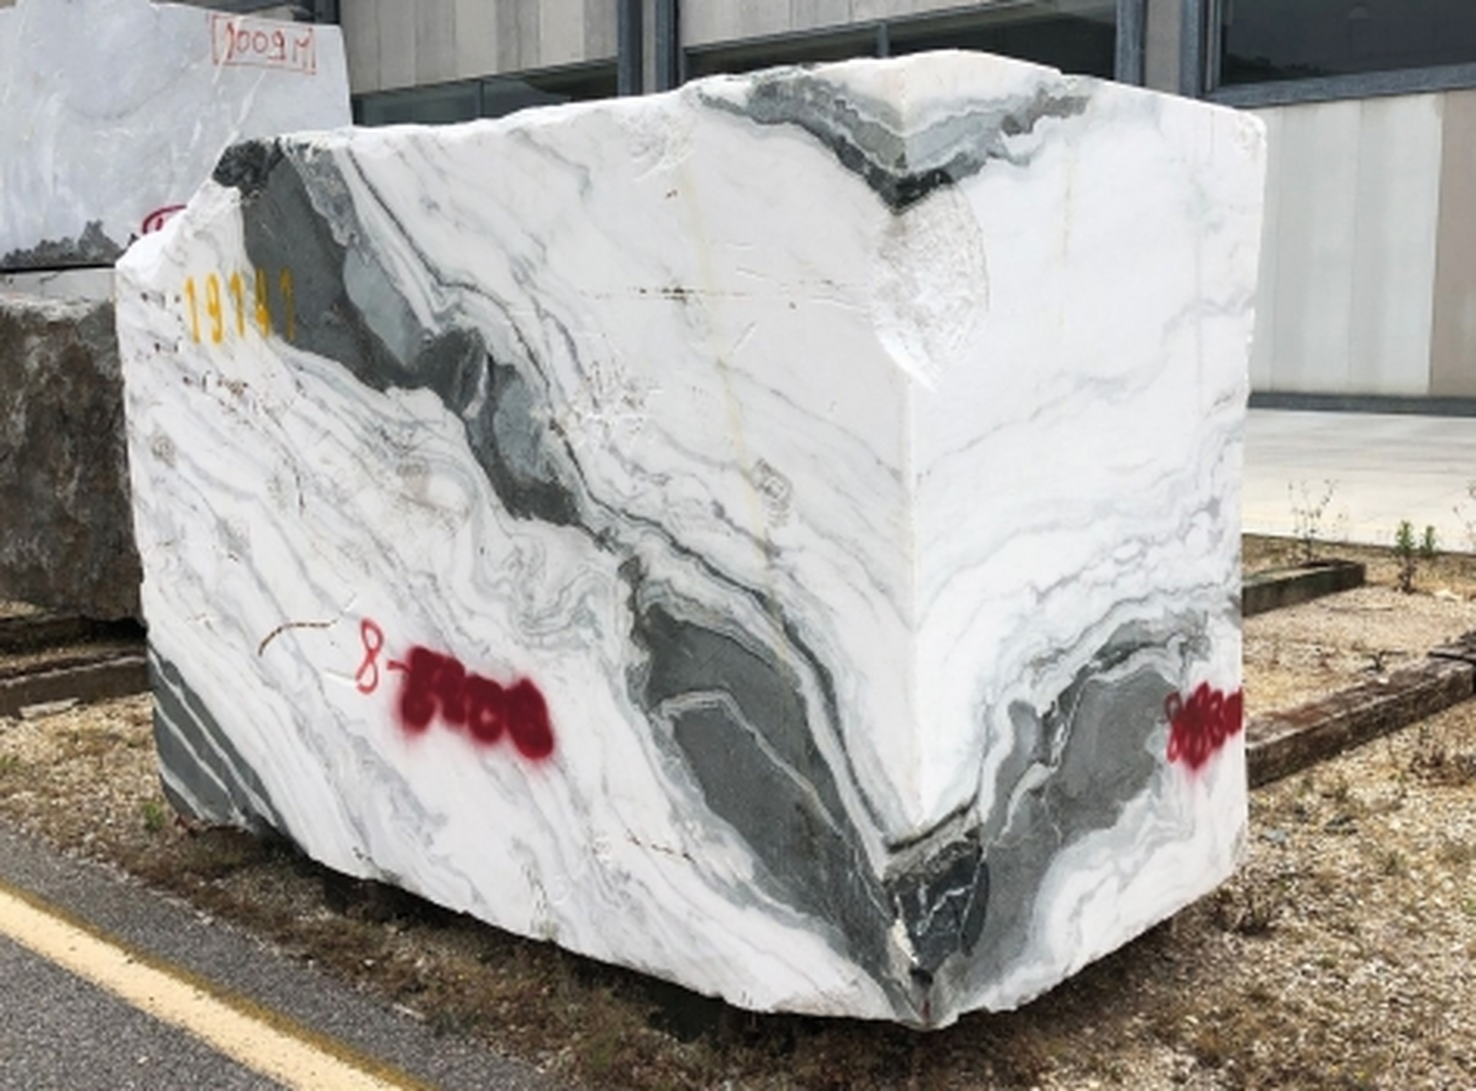 PANDA Fourniture Verona (Italie) d' blocs bruts en marbre naturel 1517M